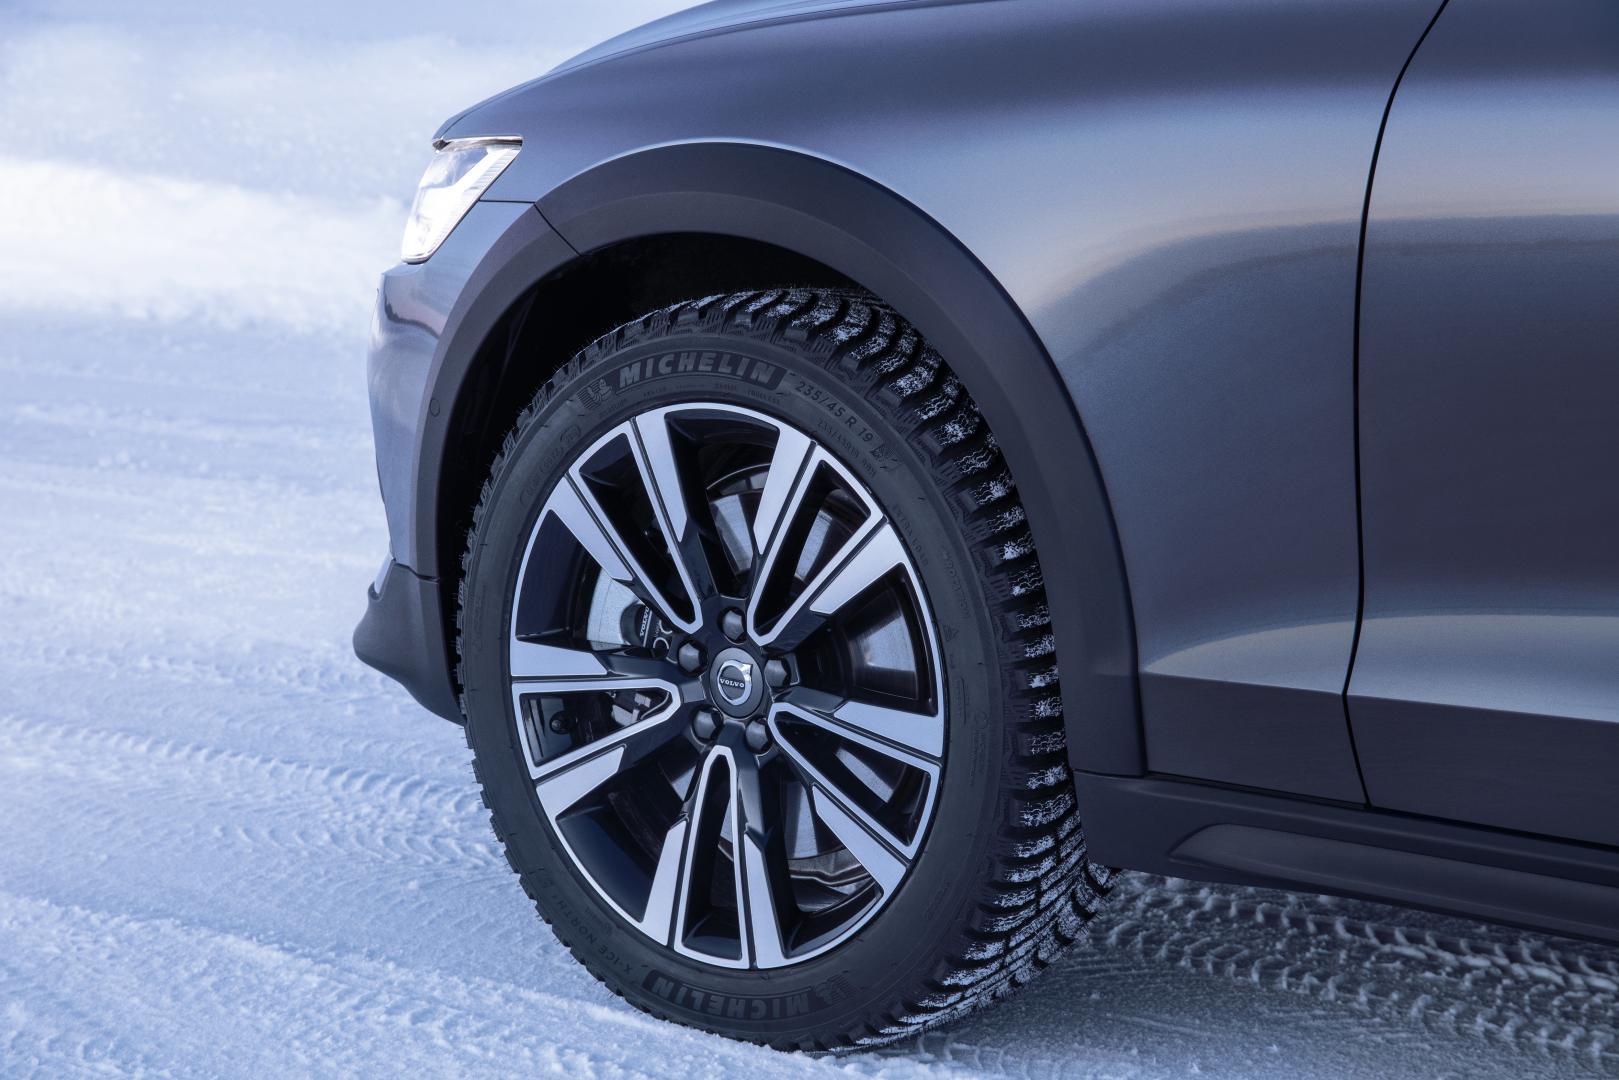 Volvo V60 Cross Country T5 AWD velg spijkerbanden sneeuw